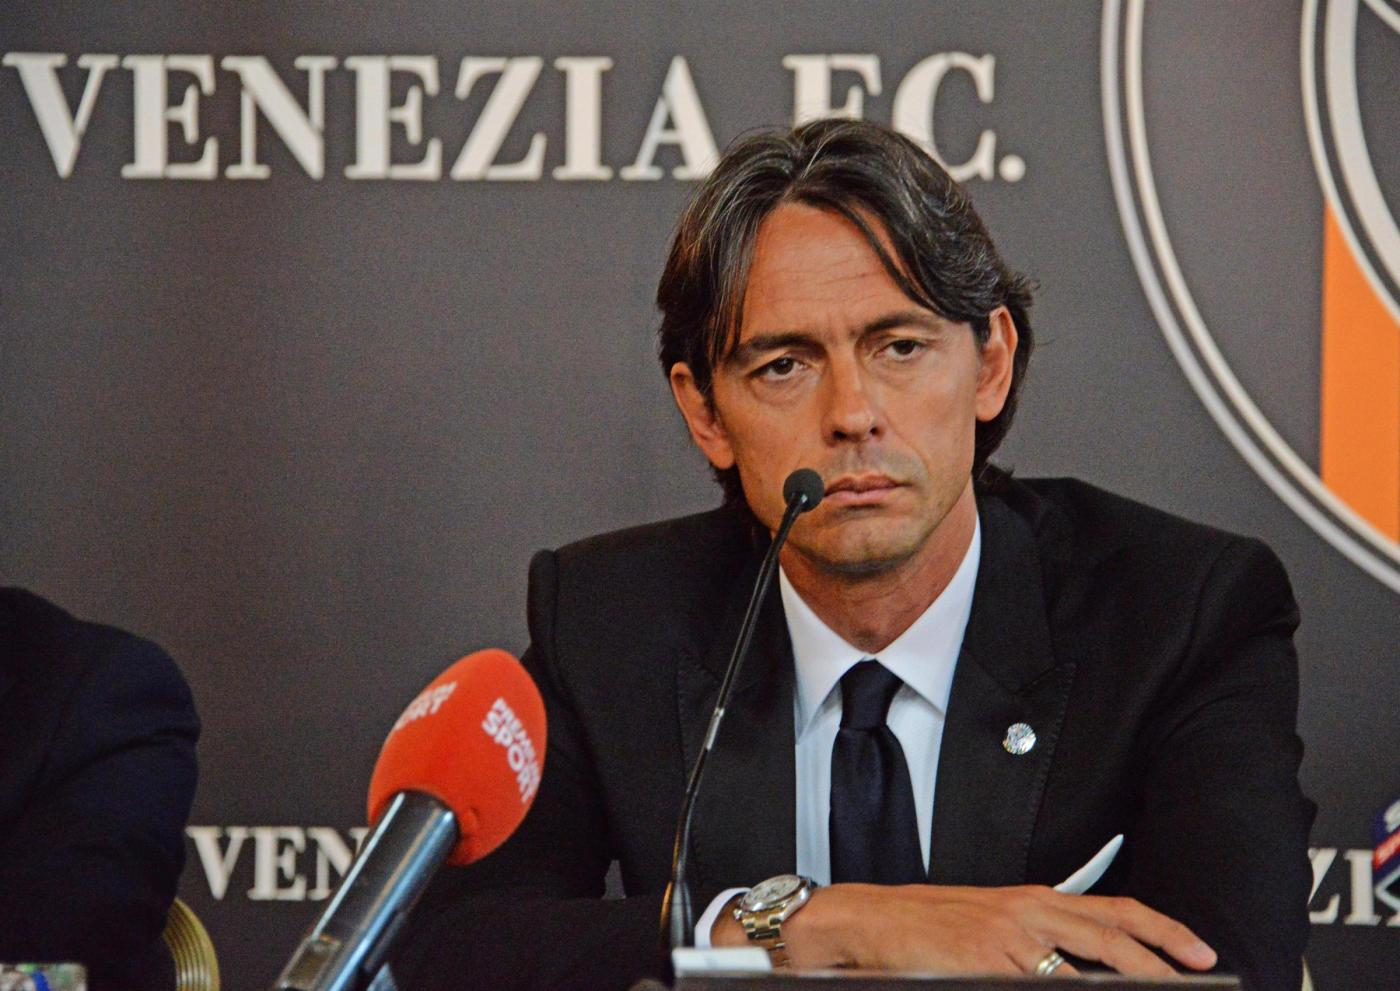 Filippo Inzaghi nuovo allenatore del Calcio Venezia